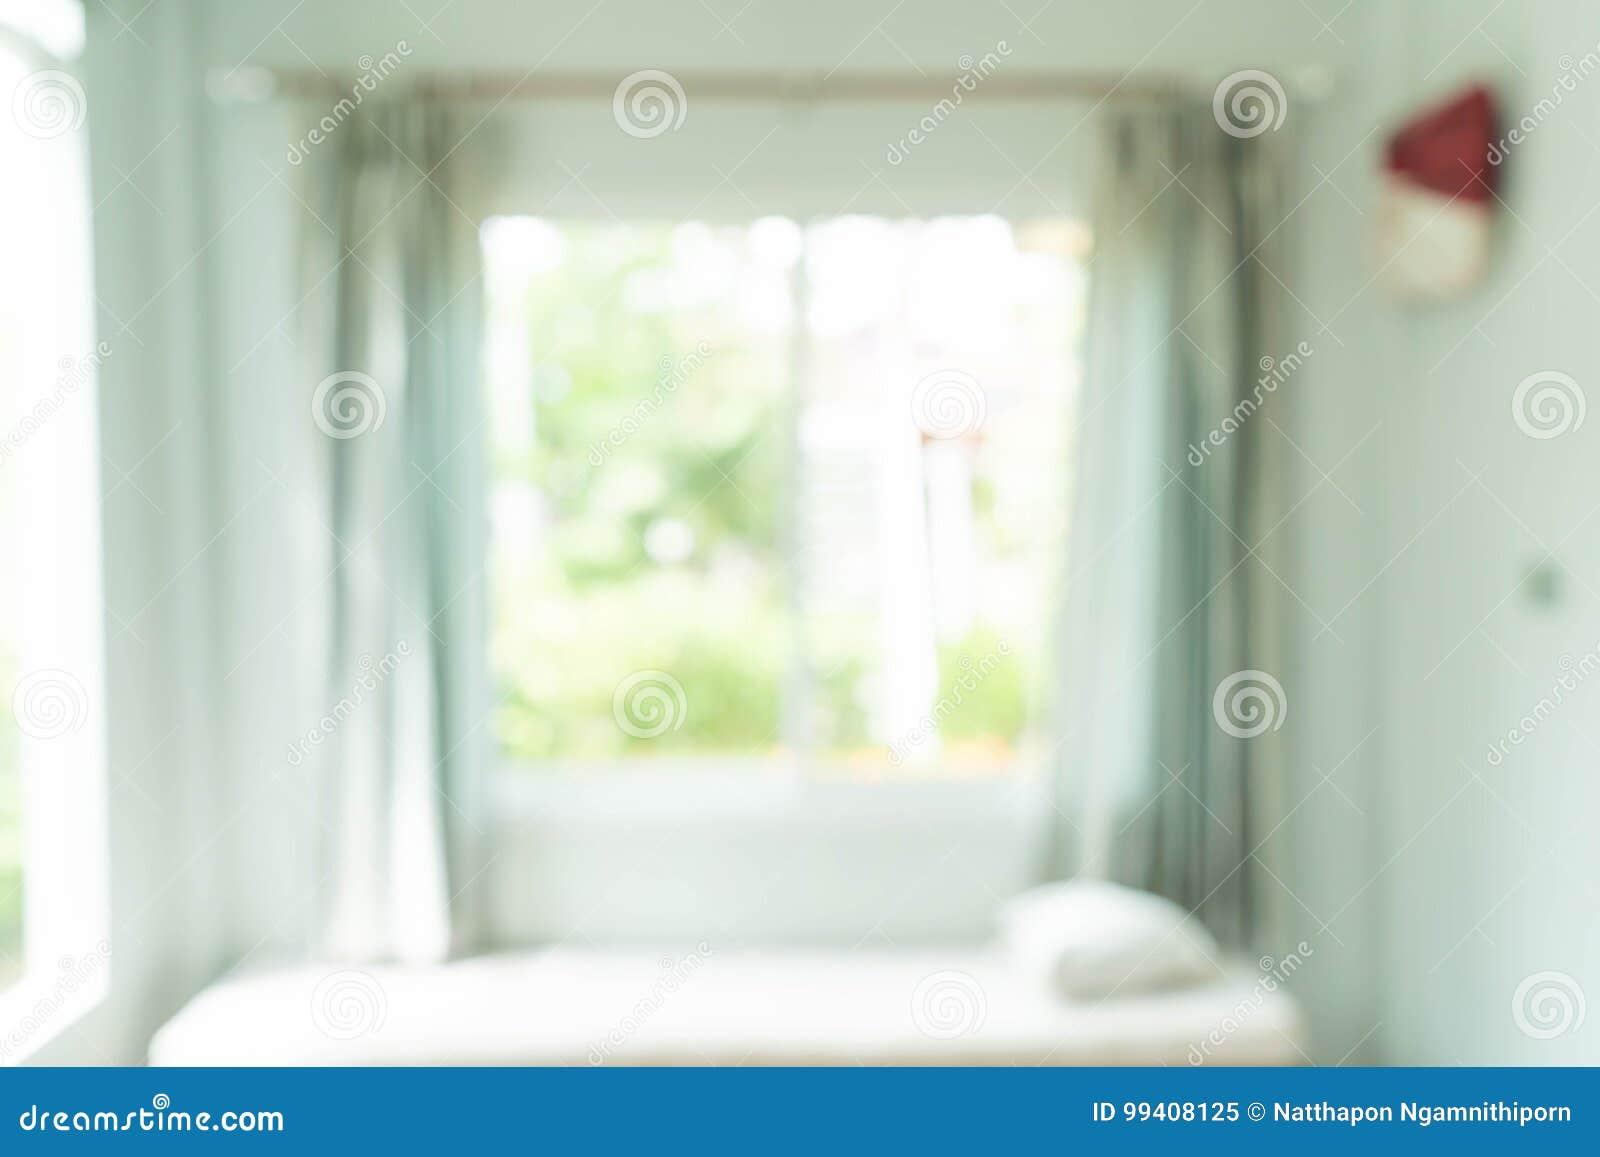 download dcoration intrieure de rideau abstrait en tache floue dans le salon image stock image